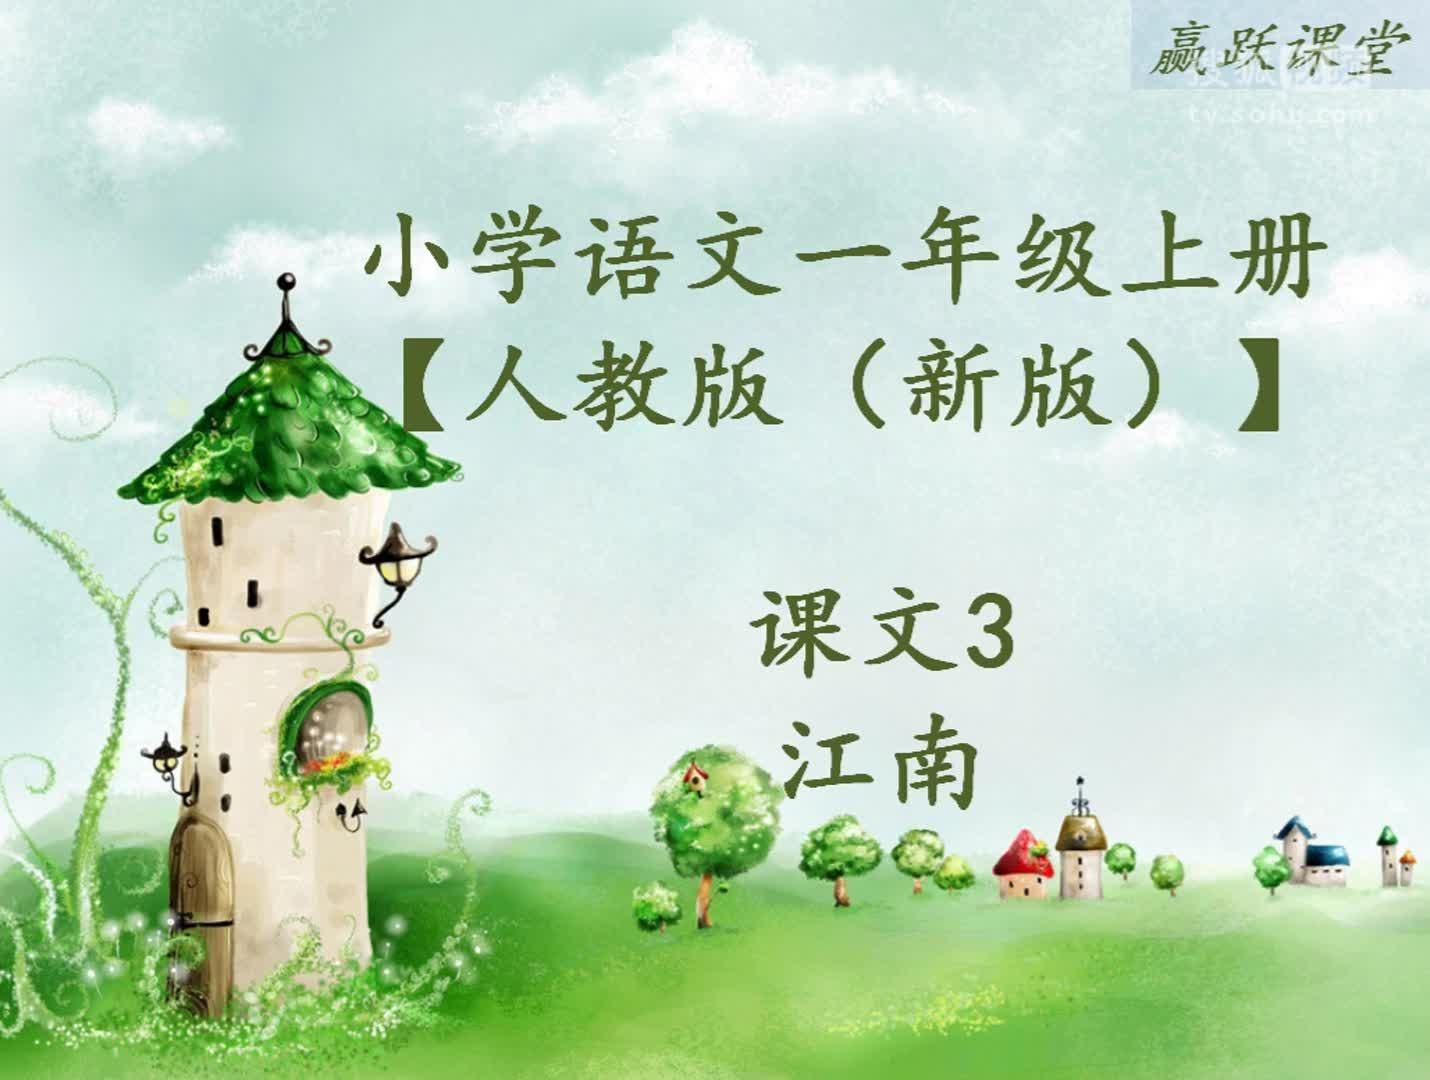 【新版】人教版语文一年级上册 课文3 江南-小学语文导学(人教版)-.